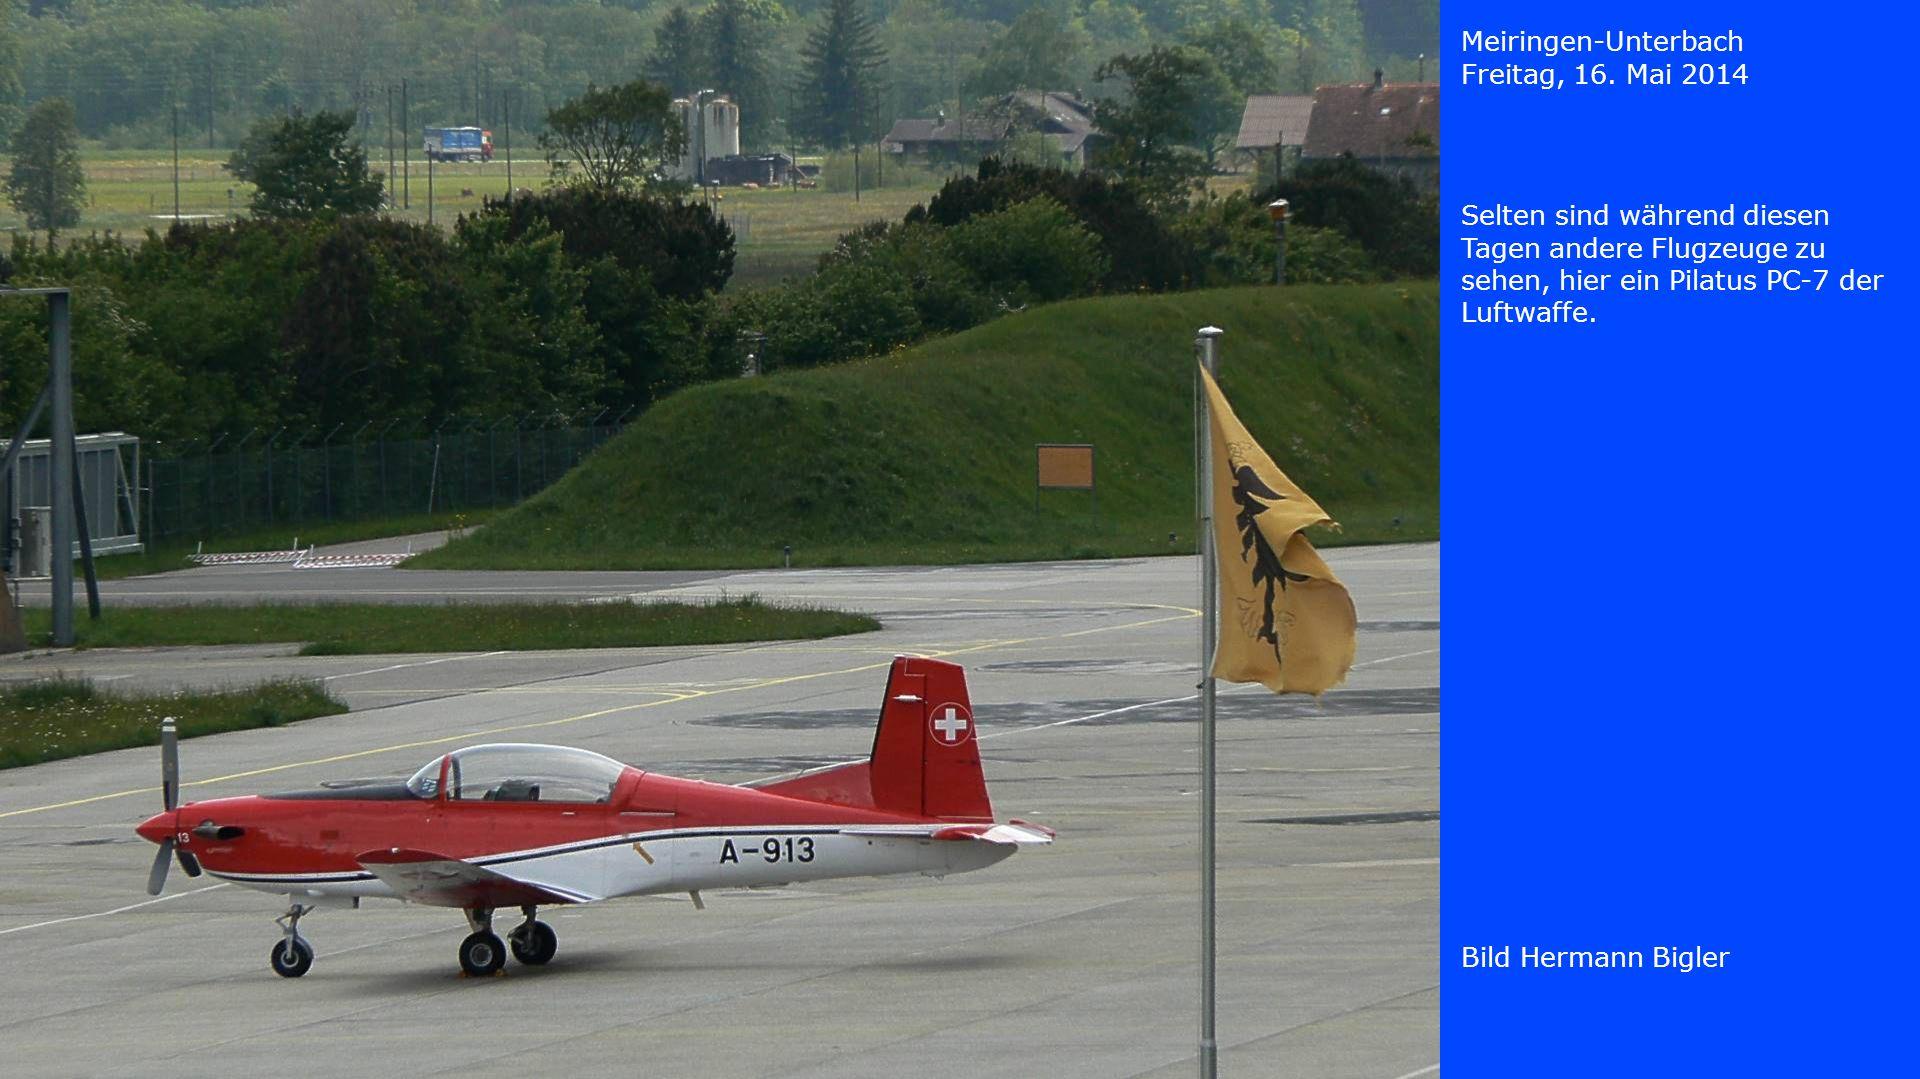 Meiringen-Unterbach Freitag, 16. Mai 2014. Selten sind während diesen Tagen andere Flugzeuge zu sehen, hier ein Pilatus PC-7 der Luftwaffe.